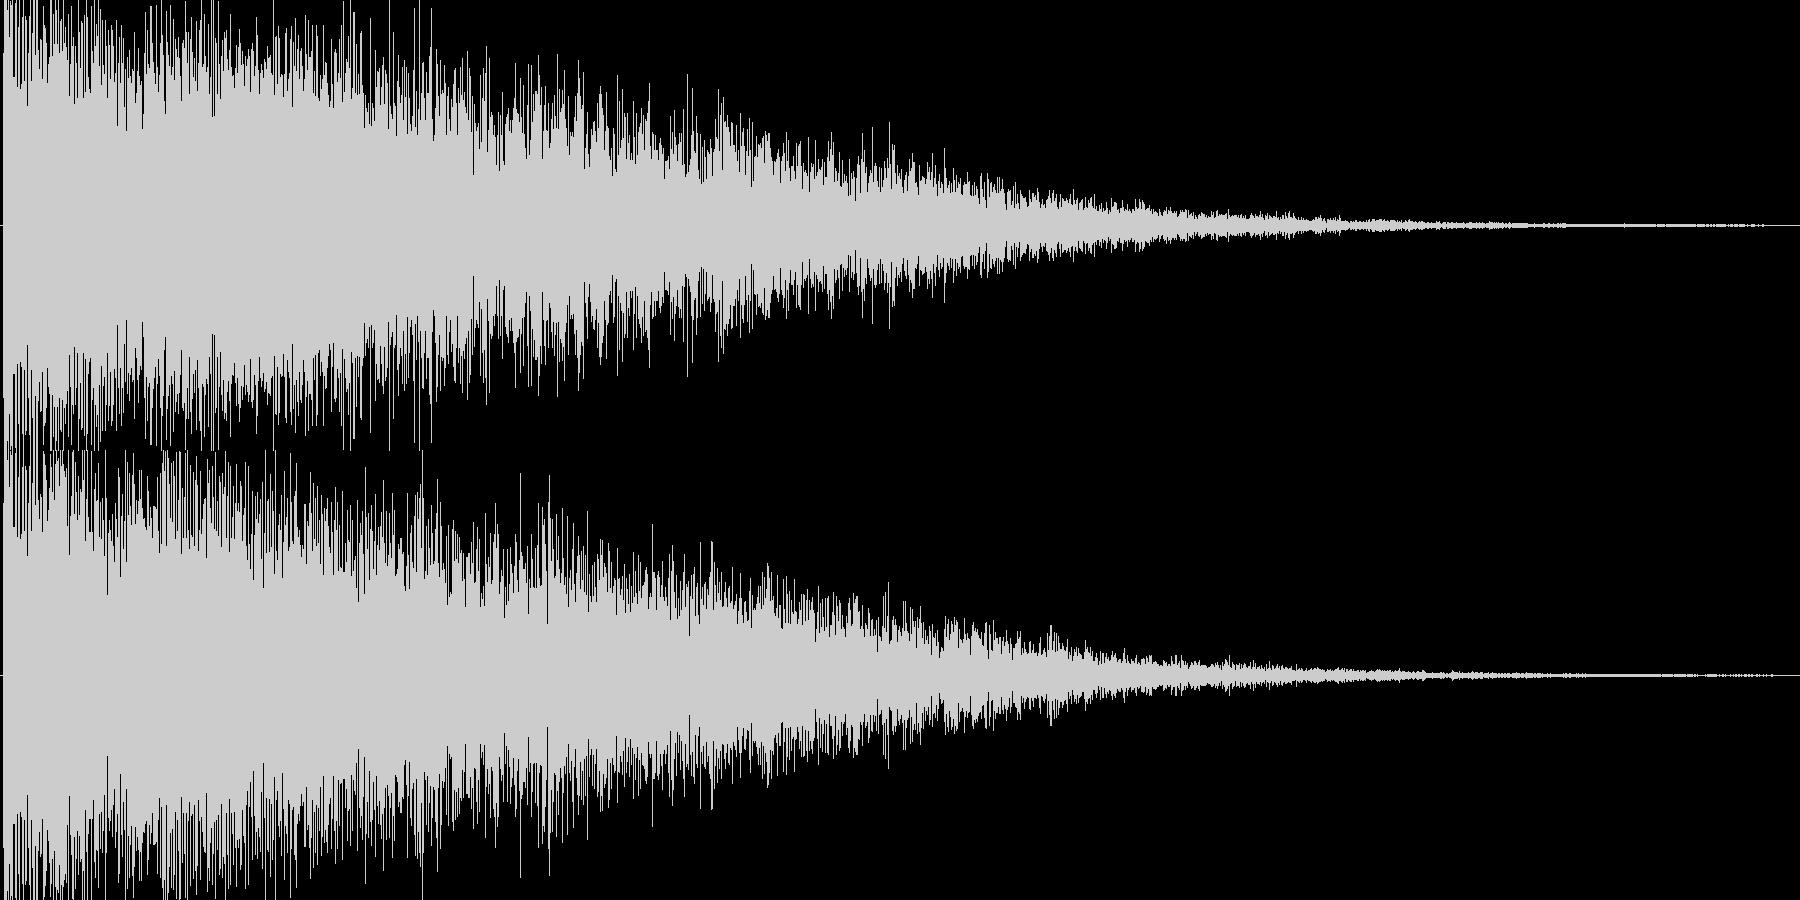 キラーン(ゲーム、アプリ等の決定音等に)の未再生の波形